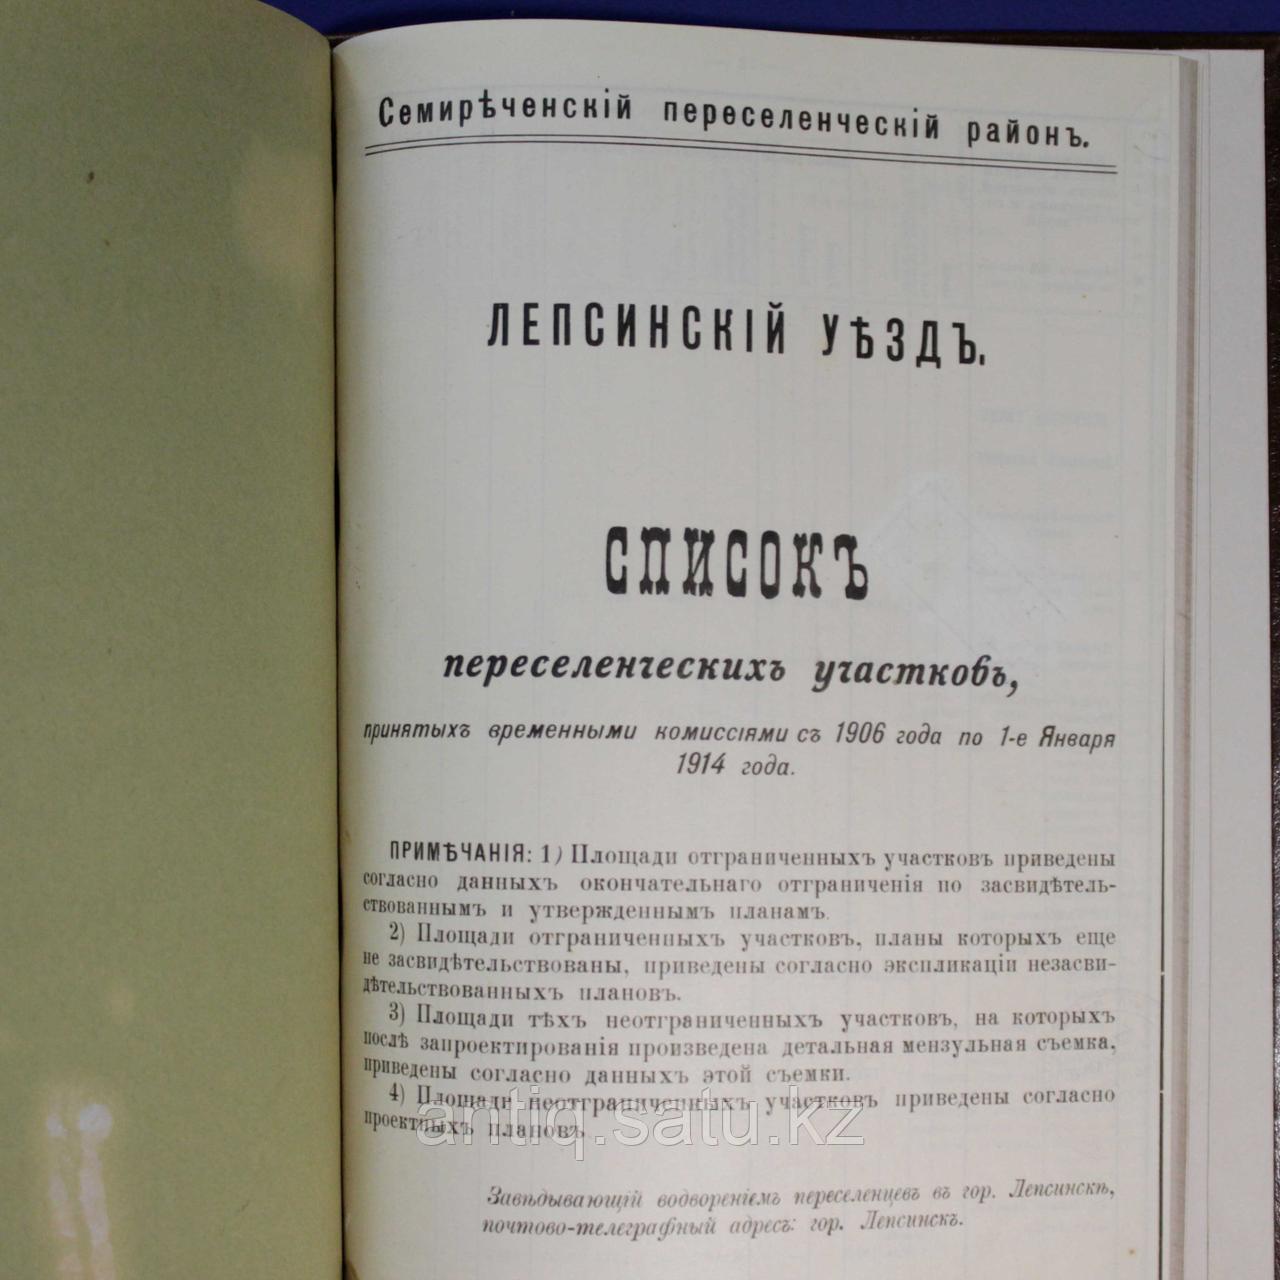 «Обзор Семиреченской области за 1898 год» Раритетное издание, отпечатано в г. Верный (Алматы) - фото 6